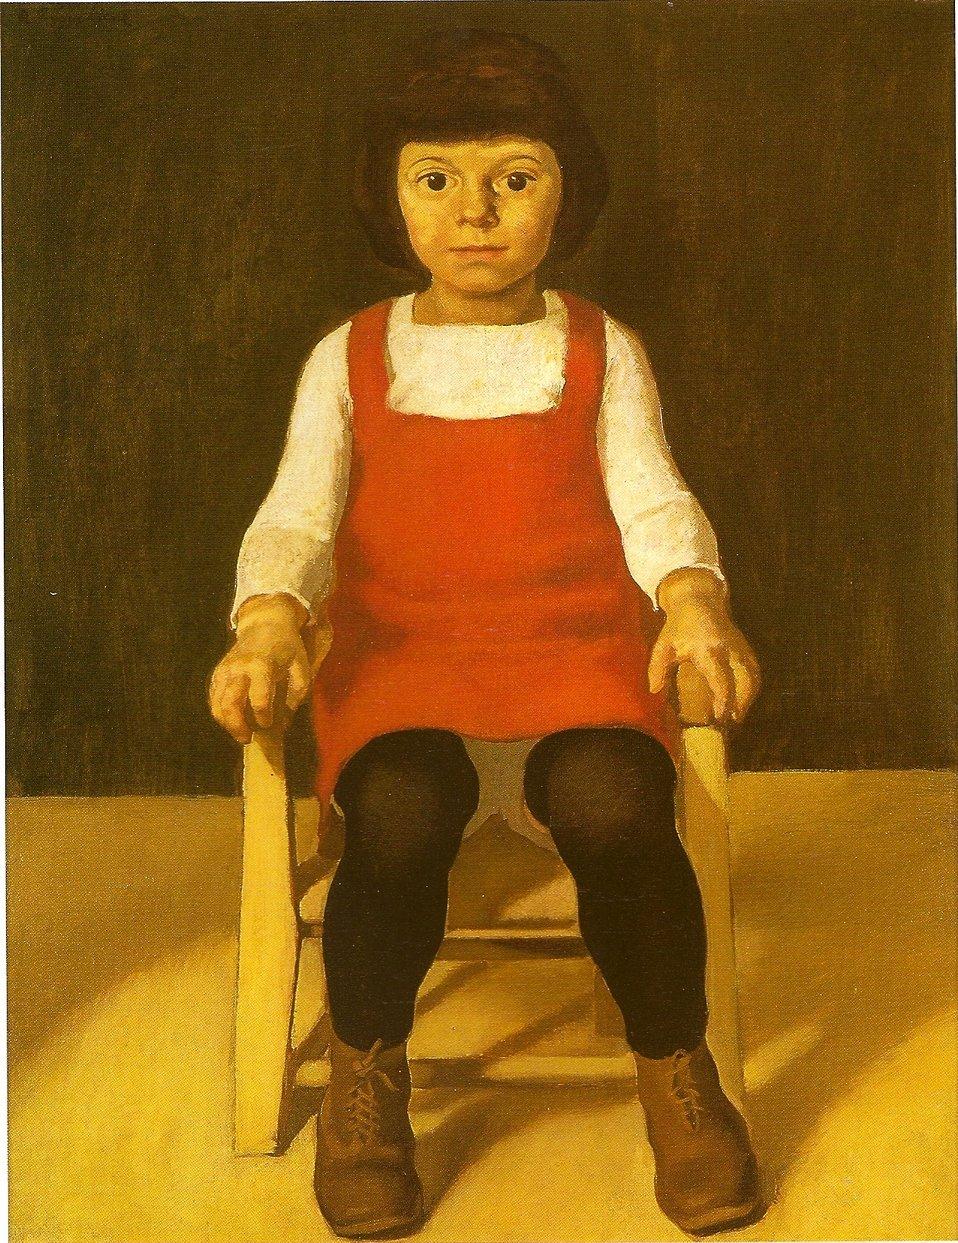 The artists daughter Ila Deutsch:  Des Künstlers Tochter Ila - Öl auf Holz 81x63 cm - Stadtgeschichtliche Museen, Nürnberg